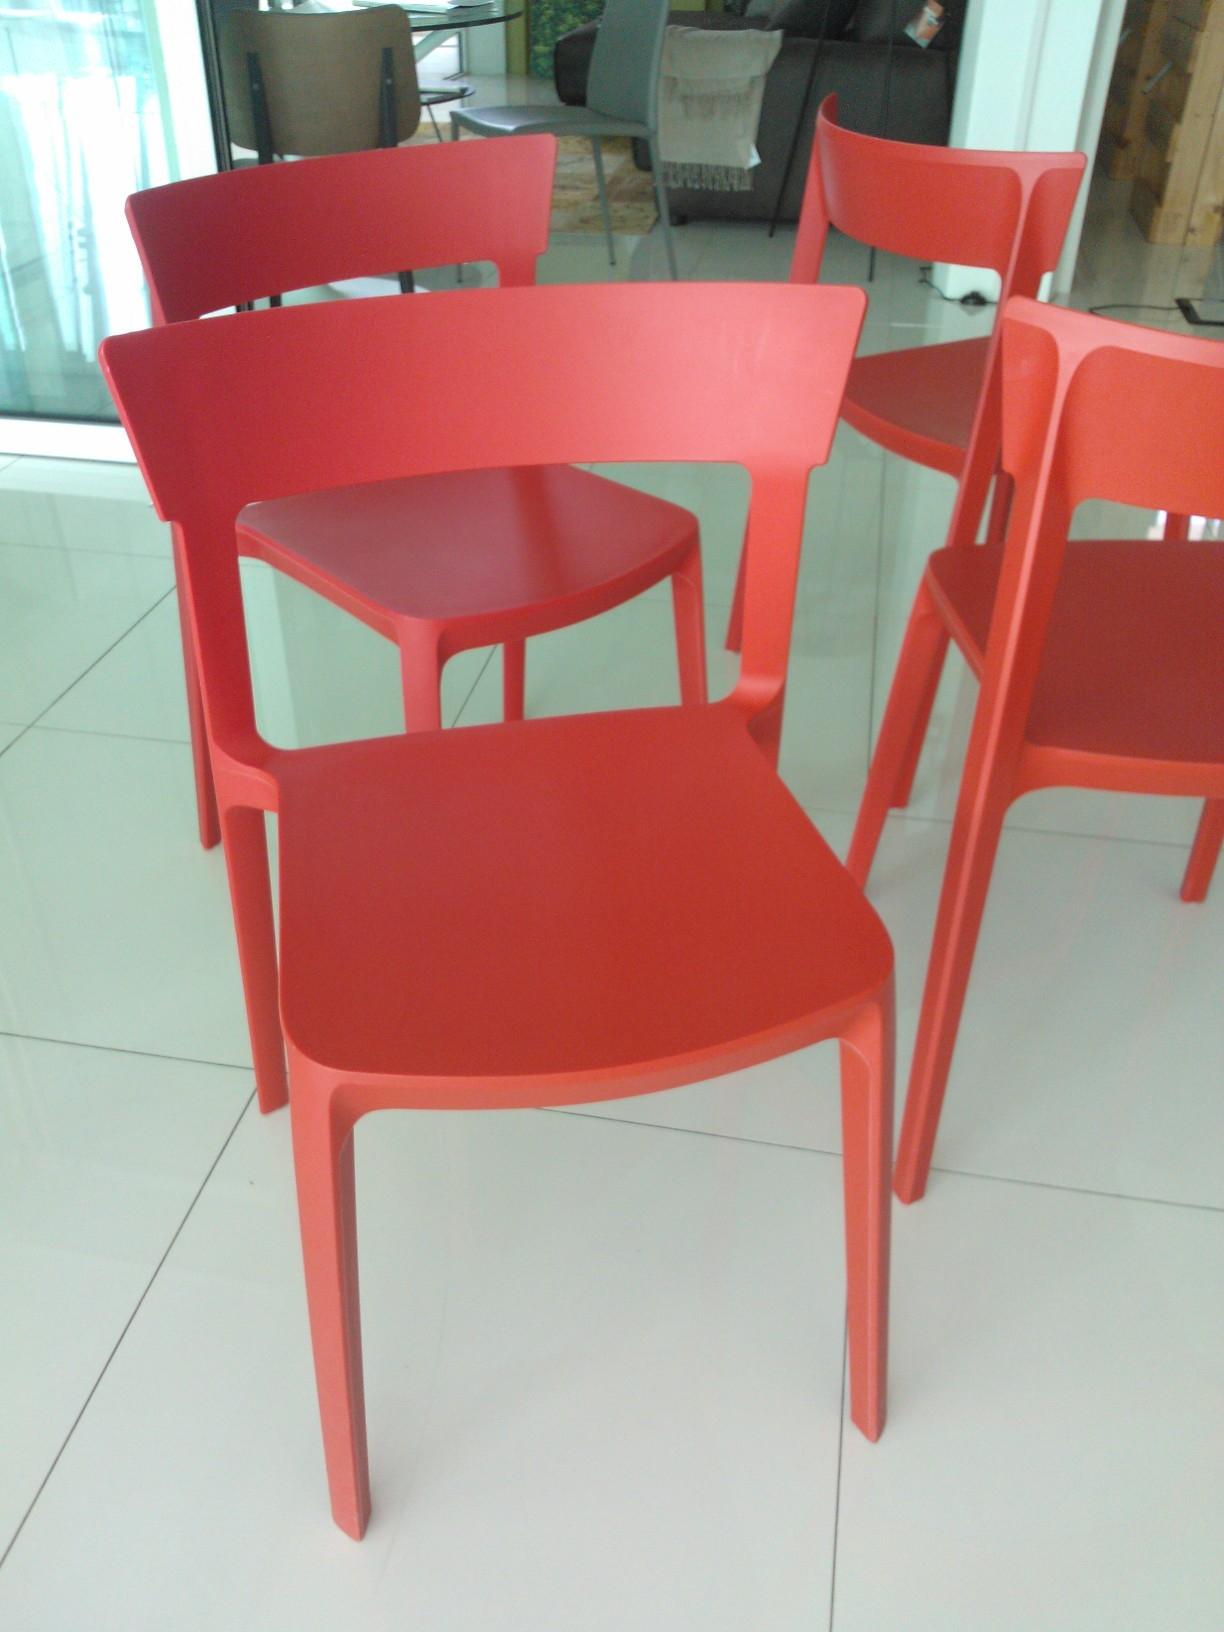 Sedia calligaris skin scontato del 55 sedie a prezzi for Sedia skin calligaris prezzo